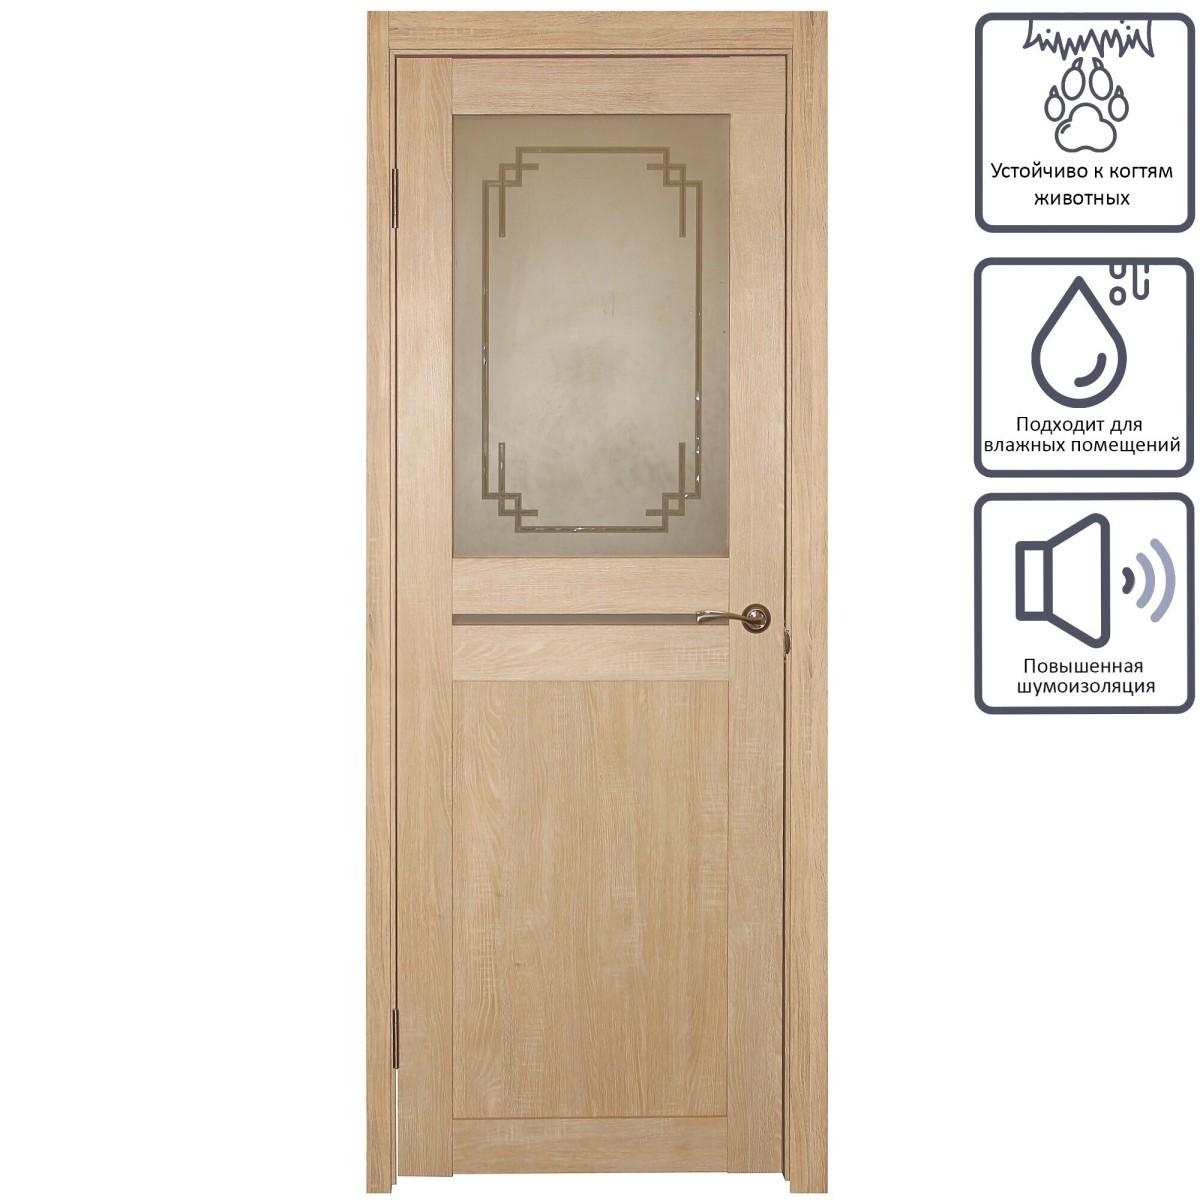 Дверь межкомнатная остеклённая Artens Леона 60x200 см цвет натуральный дуб